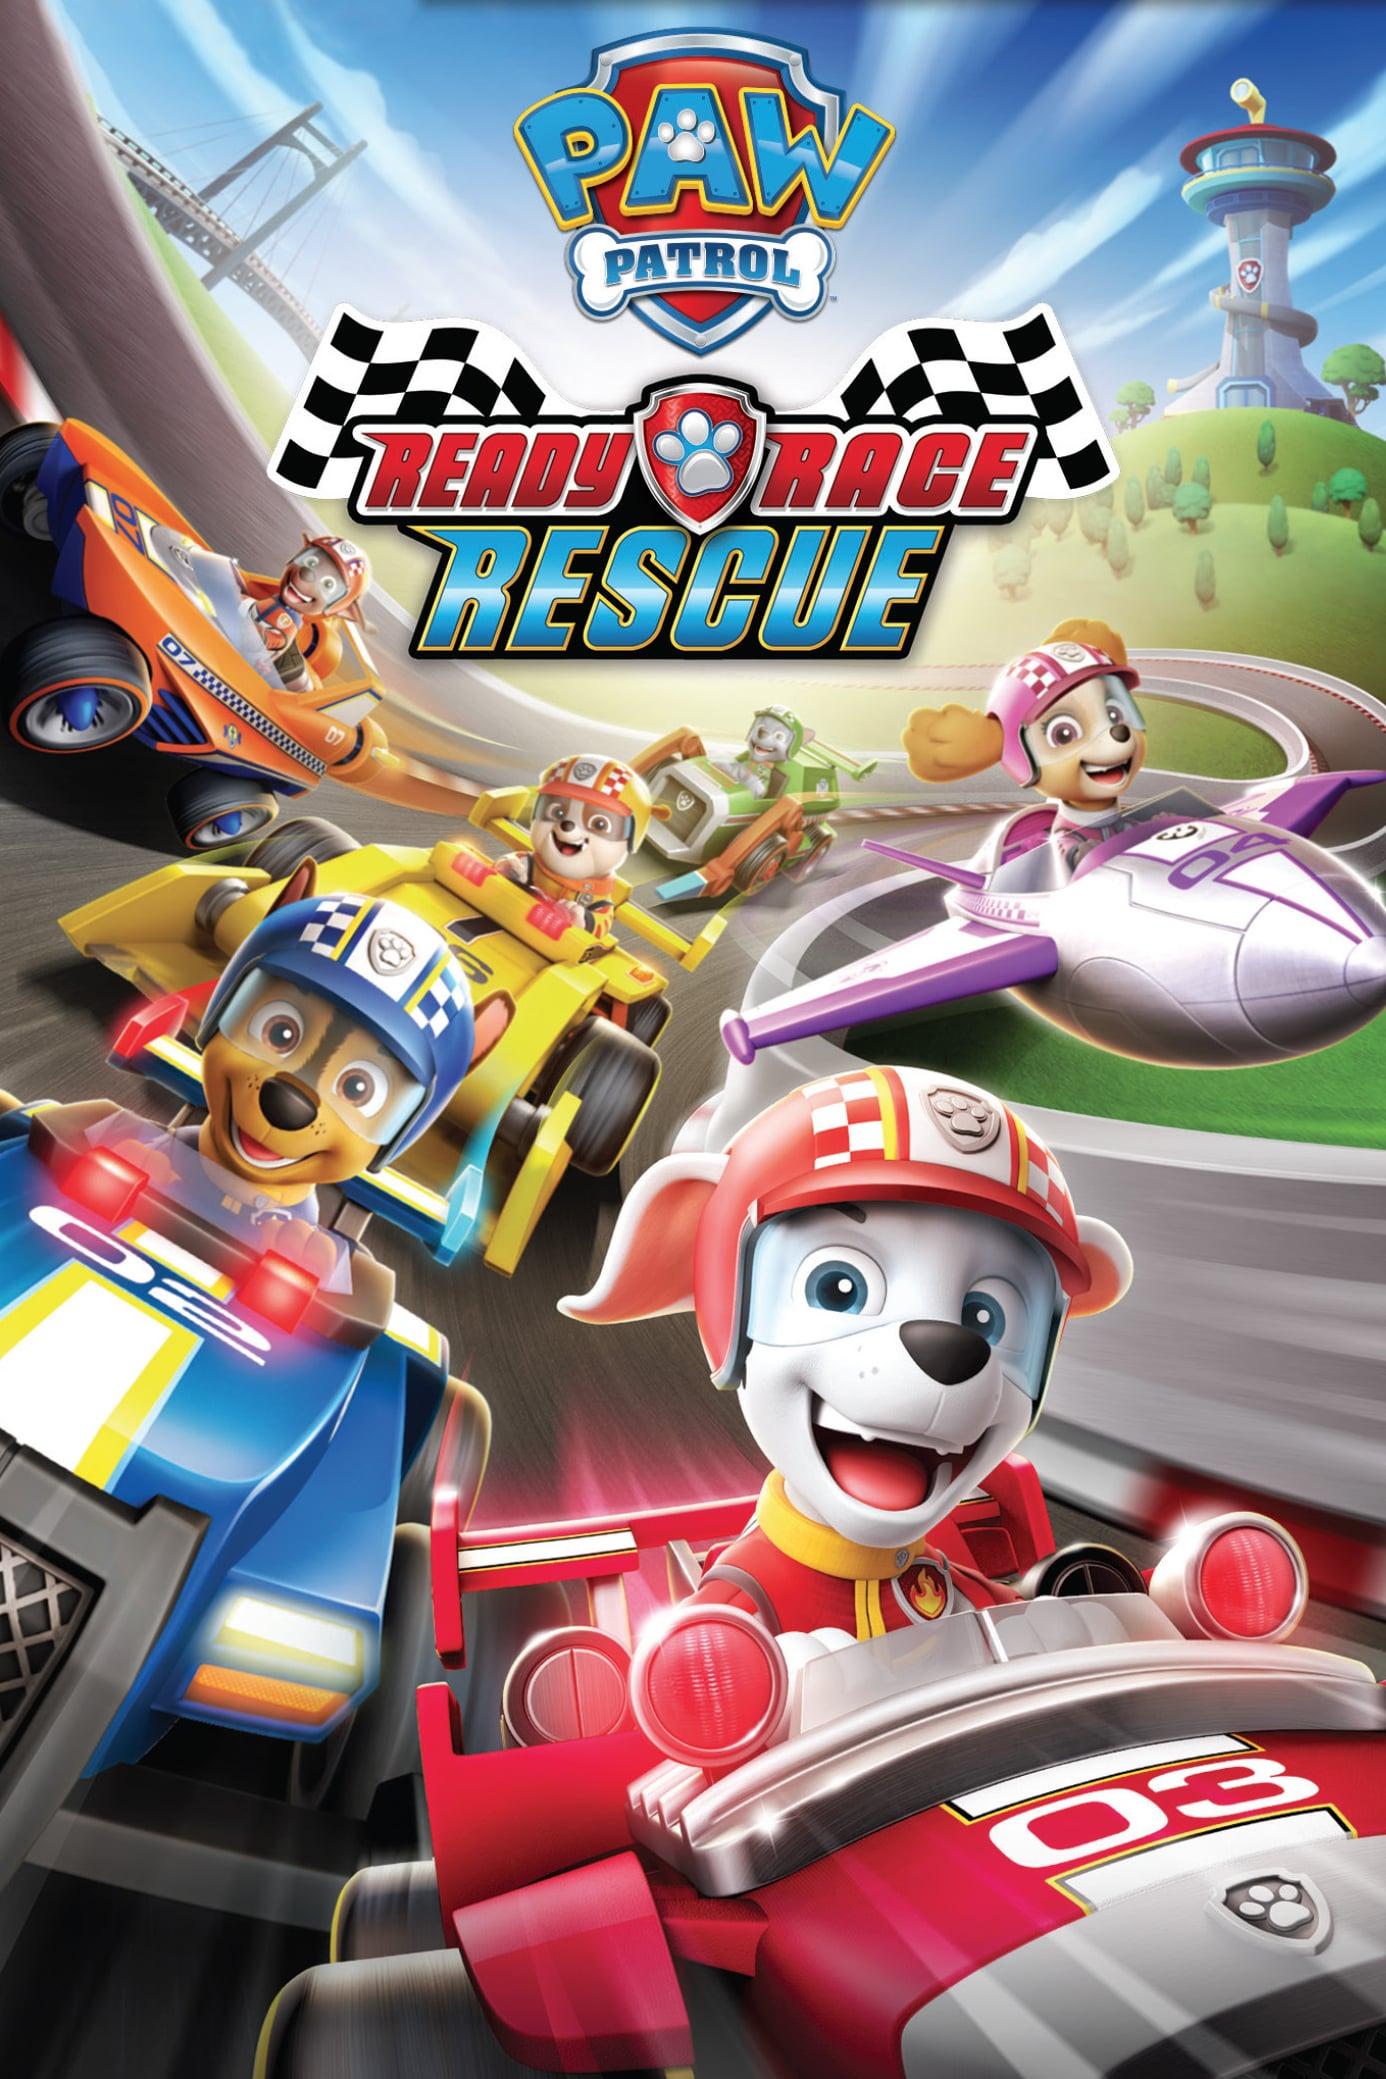 دانلود انیمیشنPaw Patrol: Ready Race Rescue! 2019 با دوبله فارسی